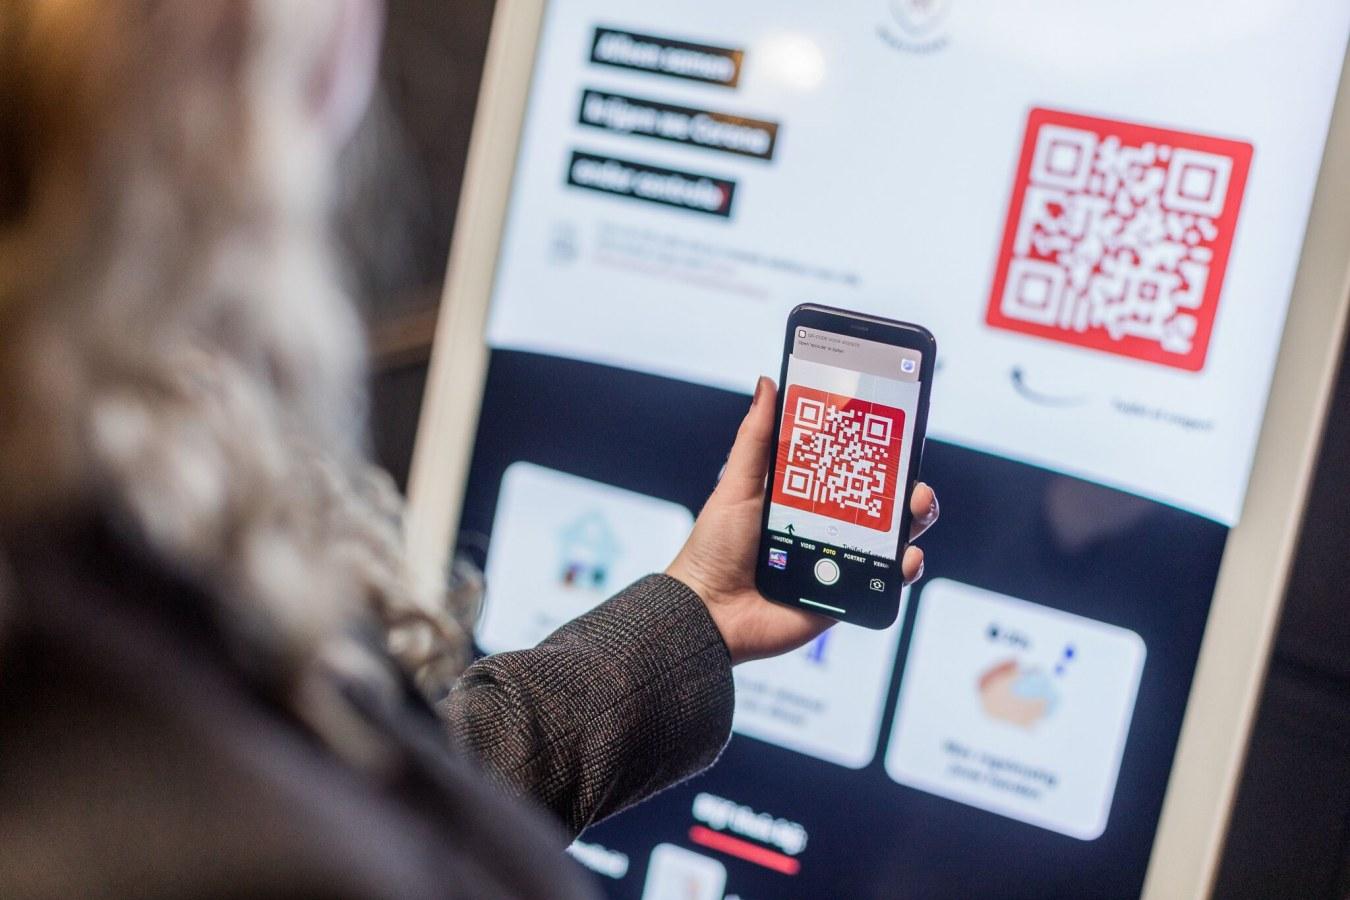 Corona informatiezuil wordt bediend met smartphone QR code